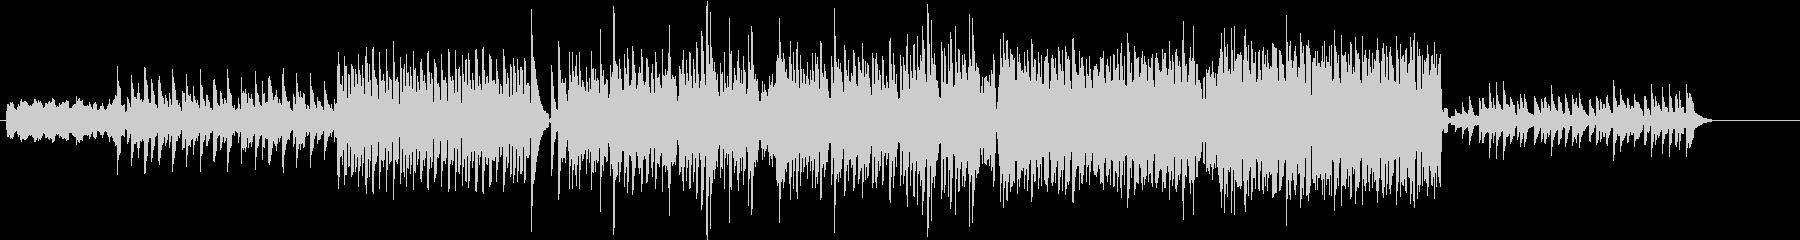 ピアノ系EDM、相当上がる曲の未再生の波形